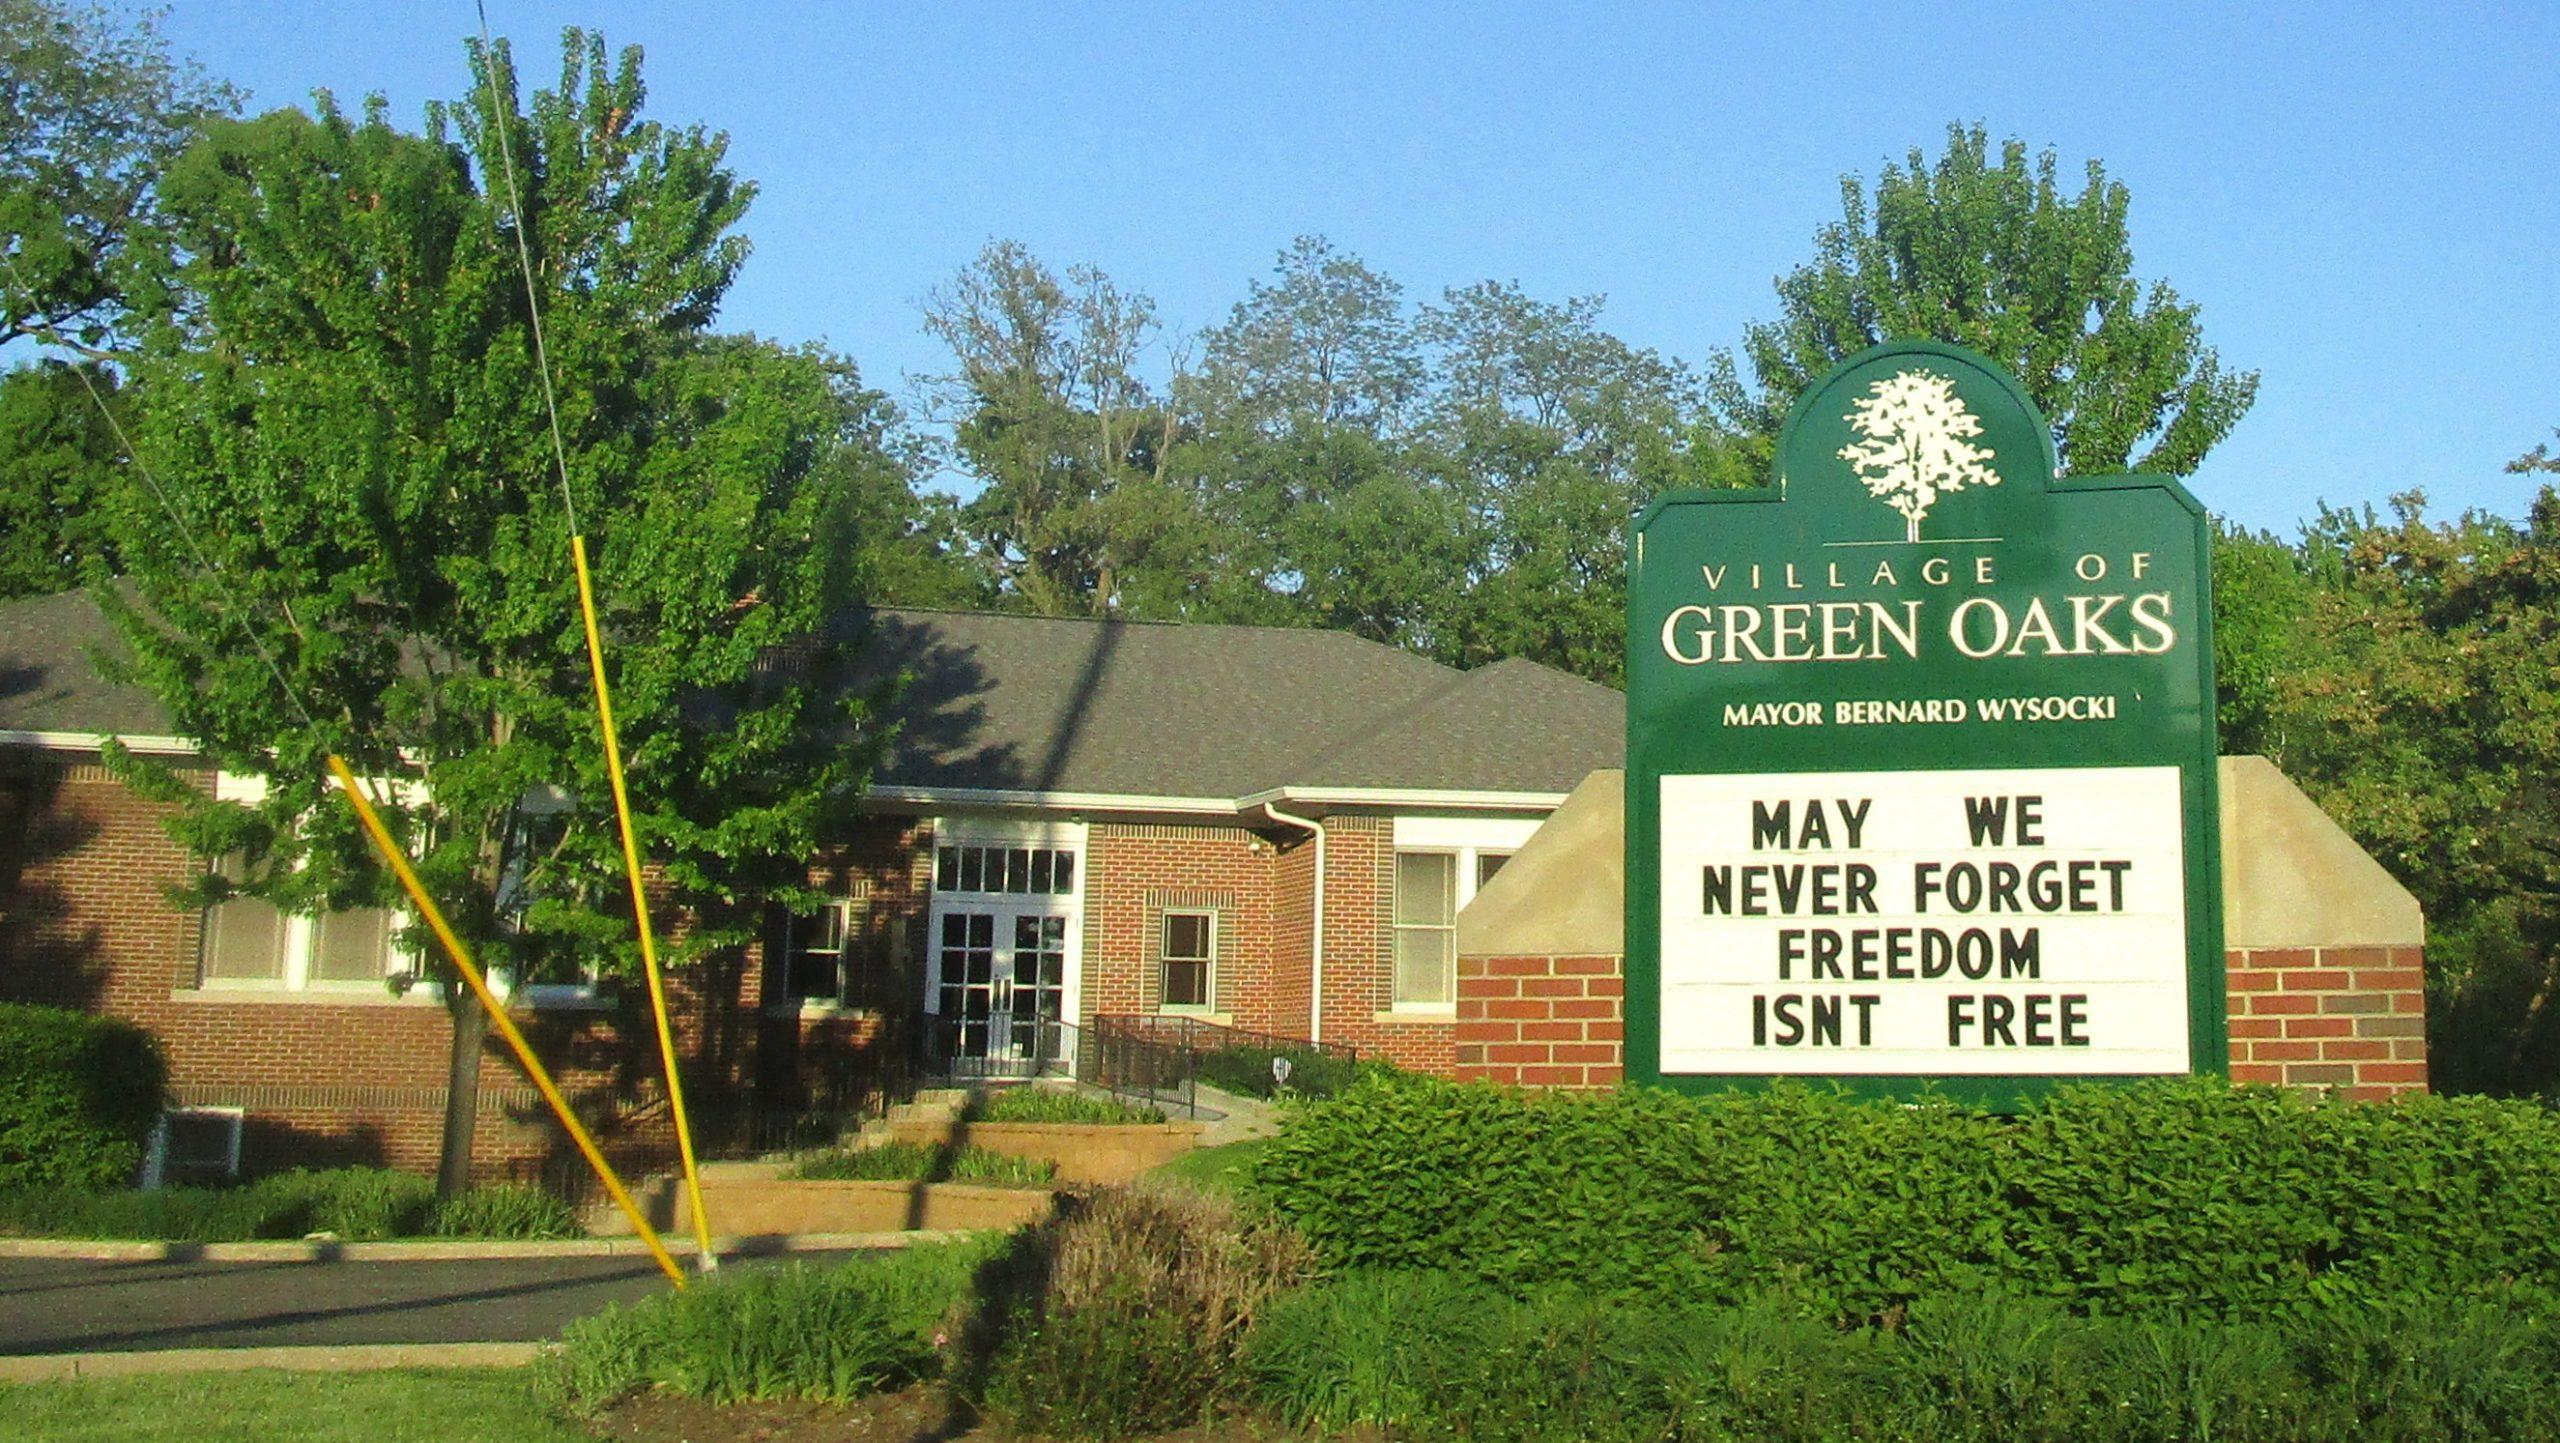 Green Oaks Limousine Services